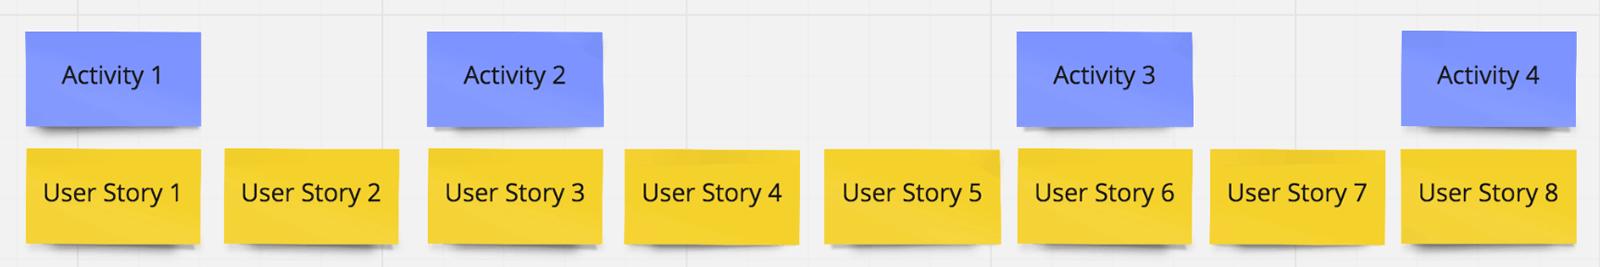 Basic framework of user interactions